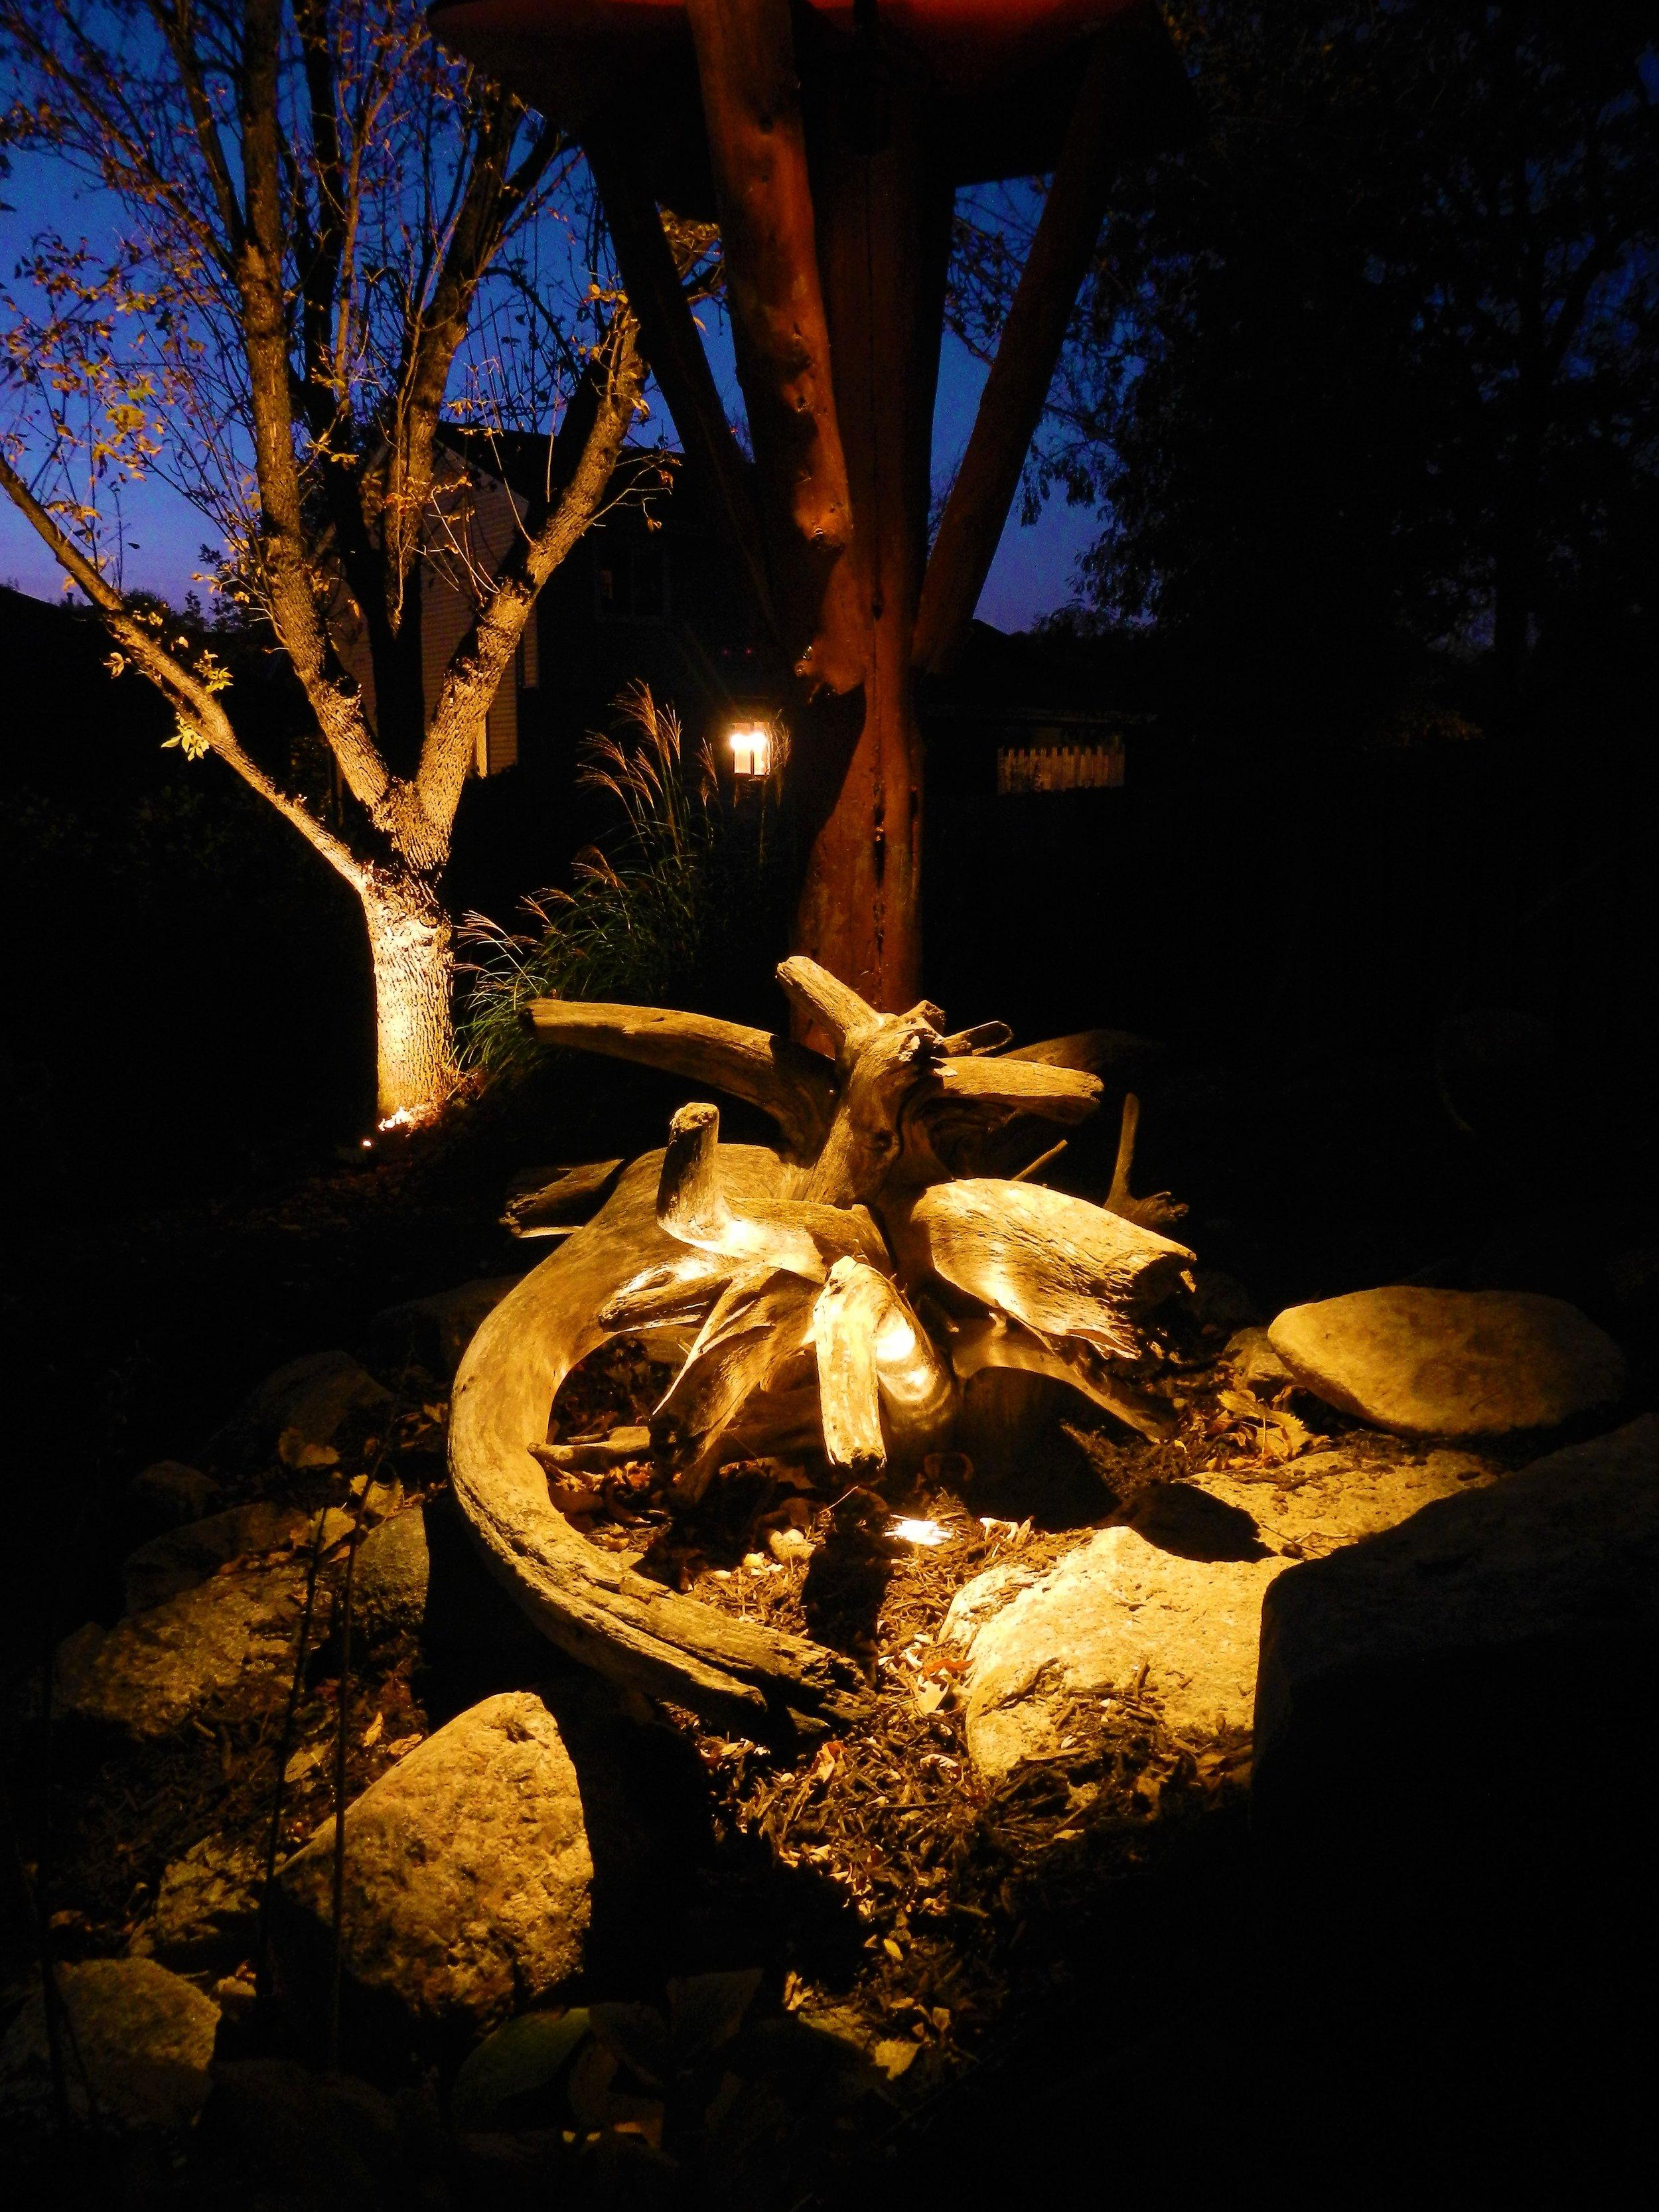 Moon-lit Driftwood Nebraska.jpg